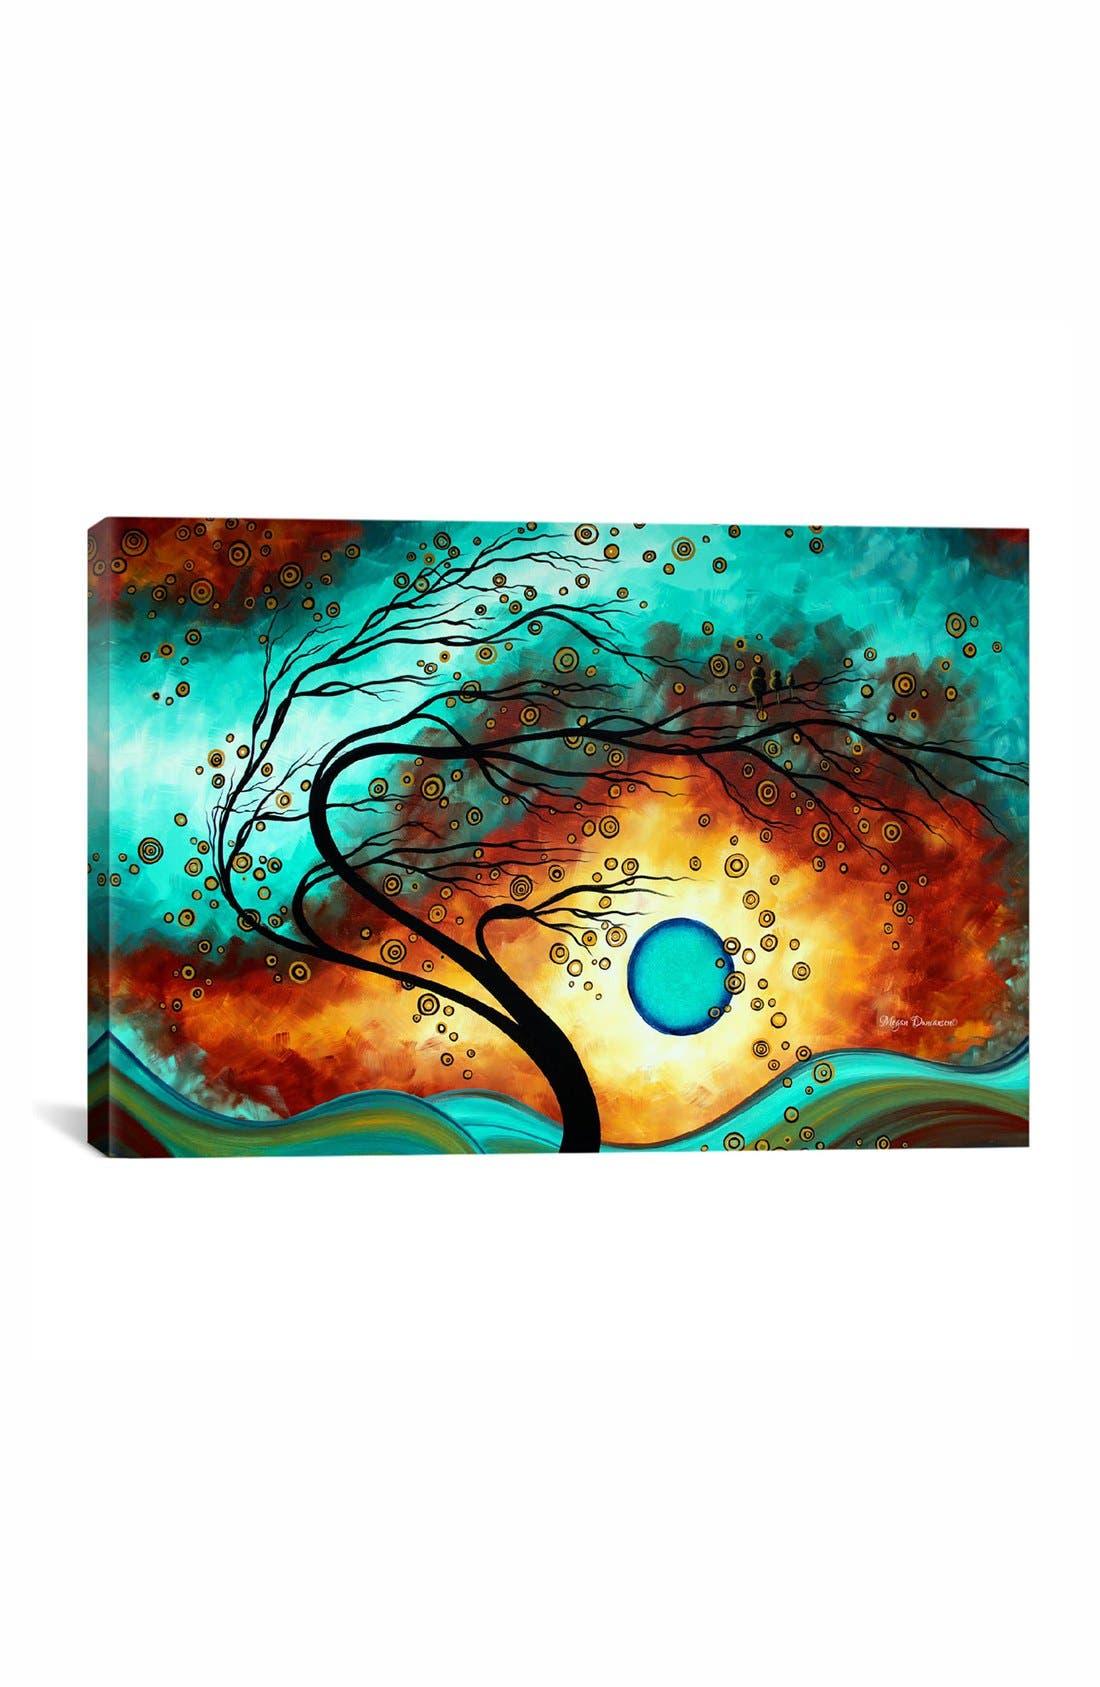 'Family Joy - Megan Duncanson' Giclée Print Canvas Art,                         Main,                         color, Blue/ Green